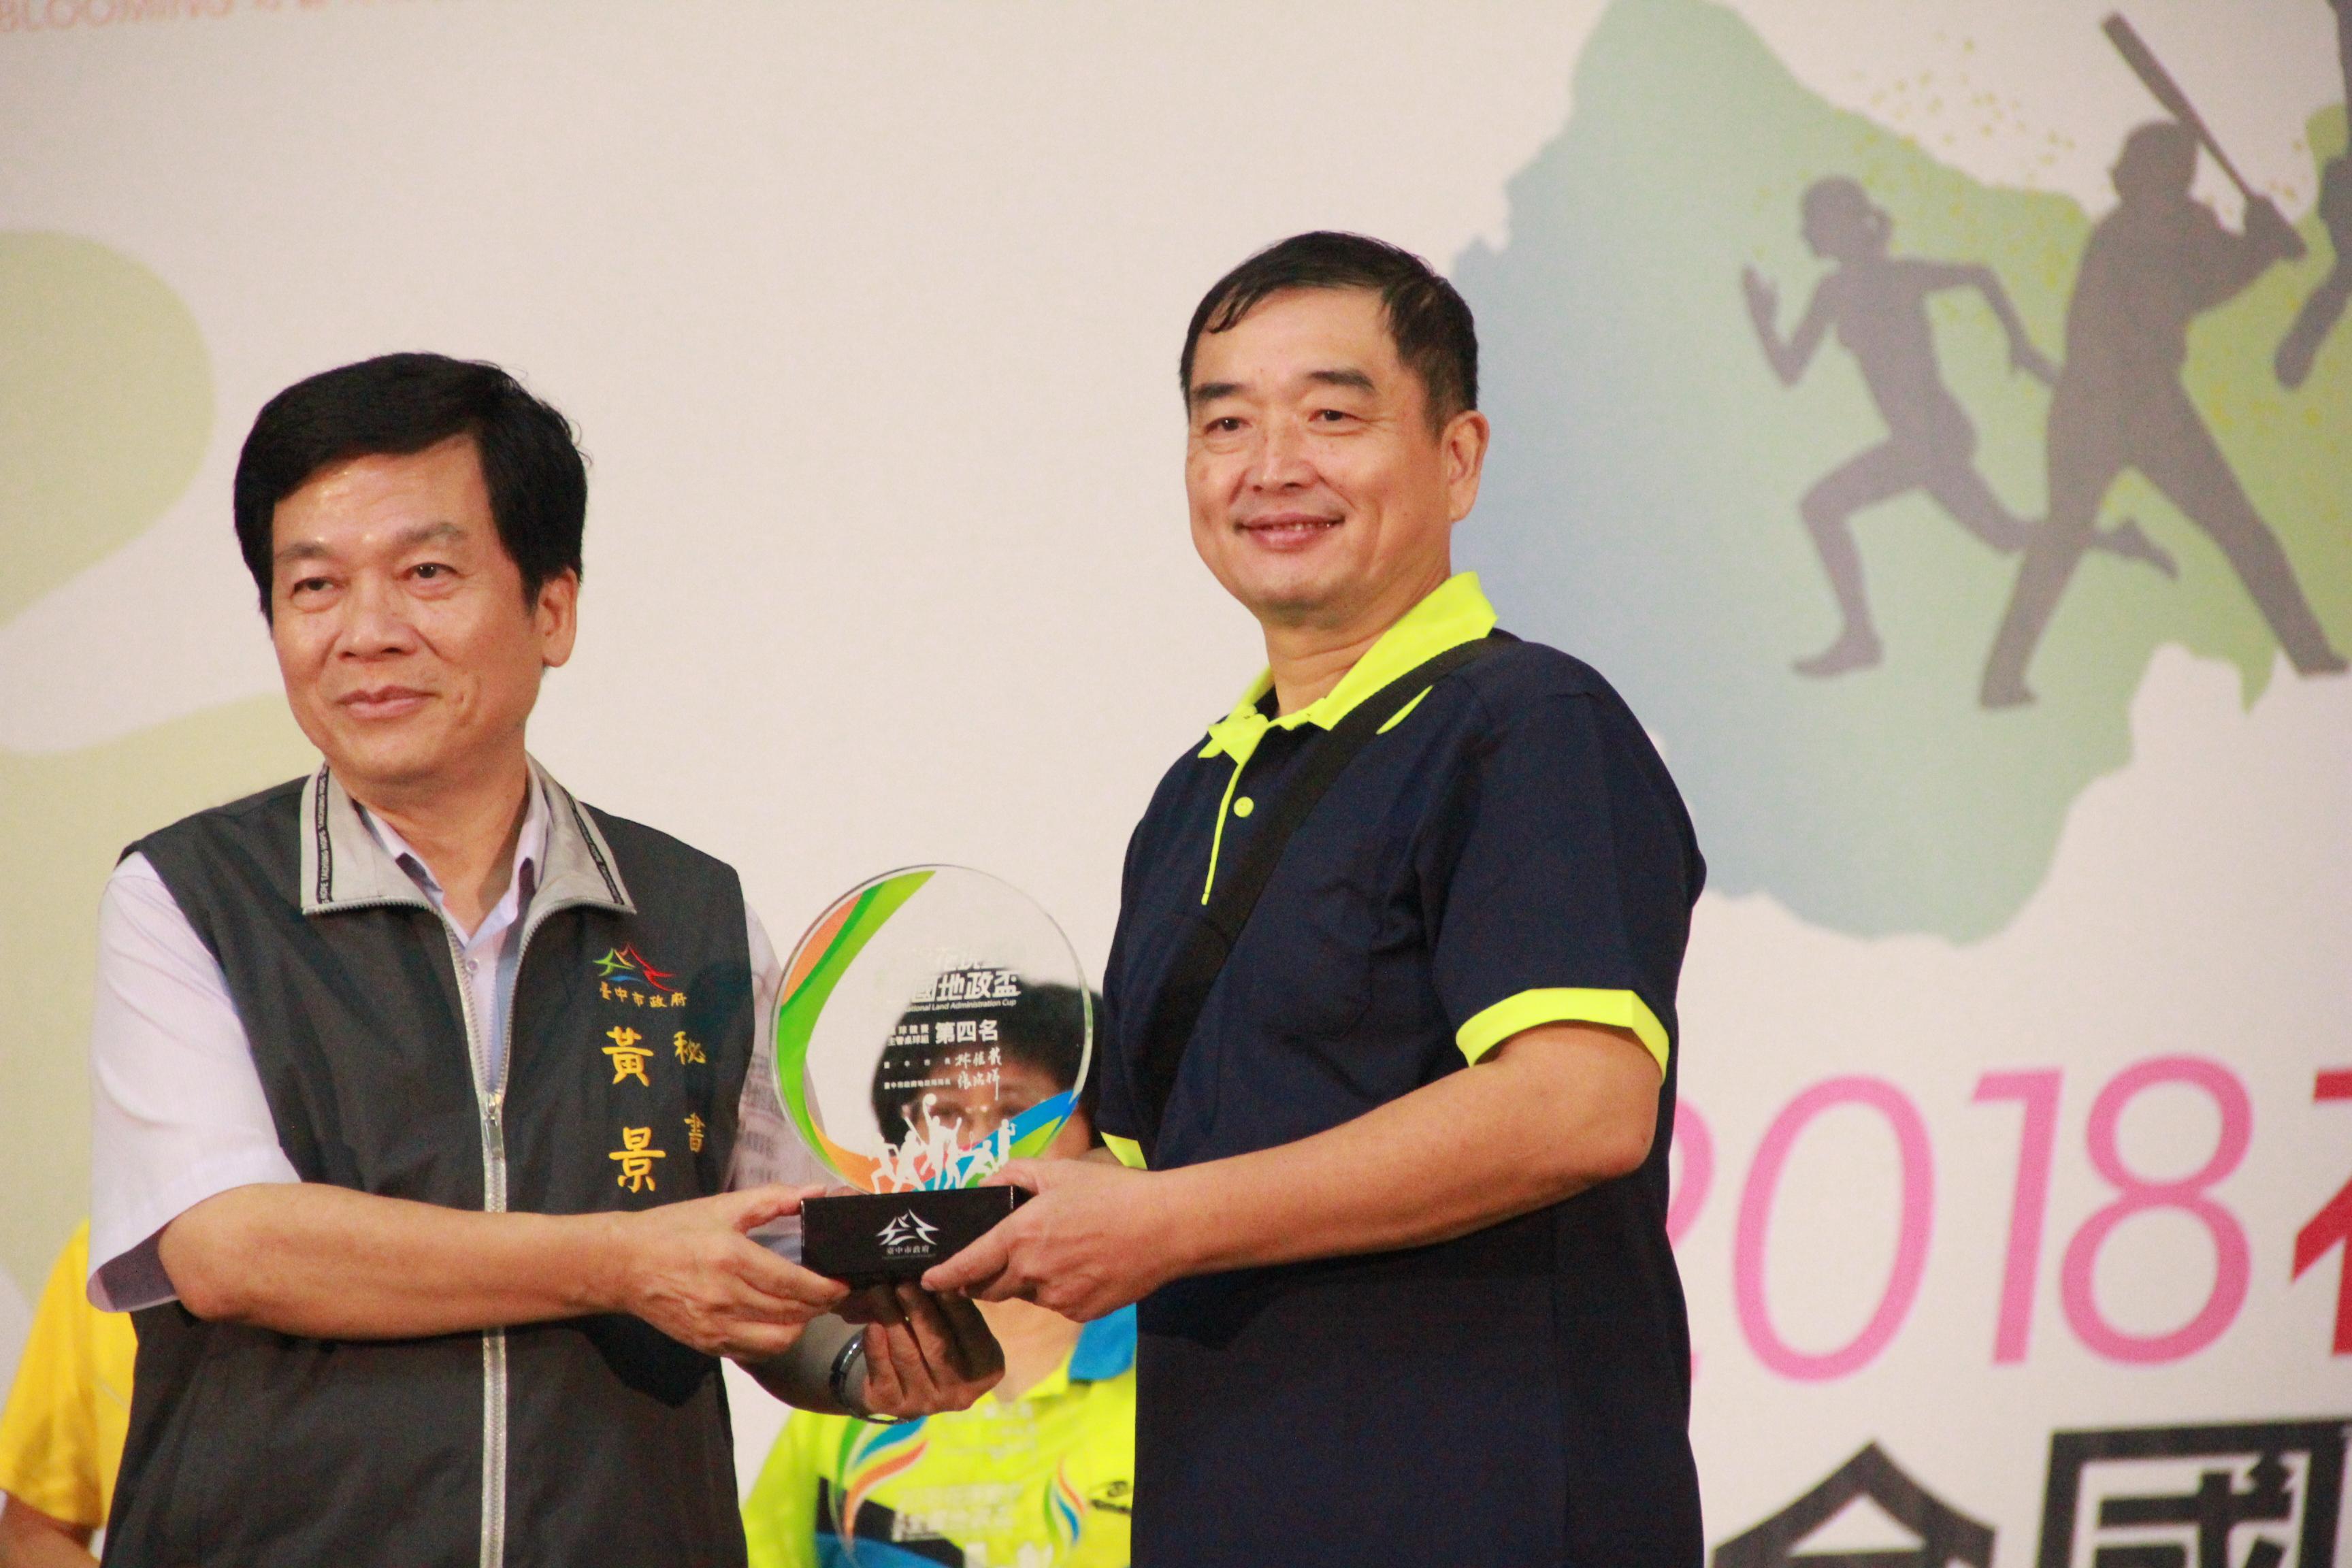 桌球主管組榮獲第4名內政部地政司塗瑤清代表領獎